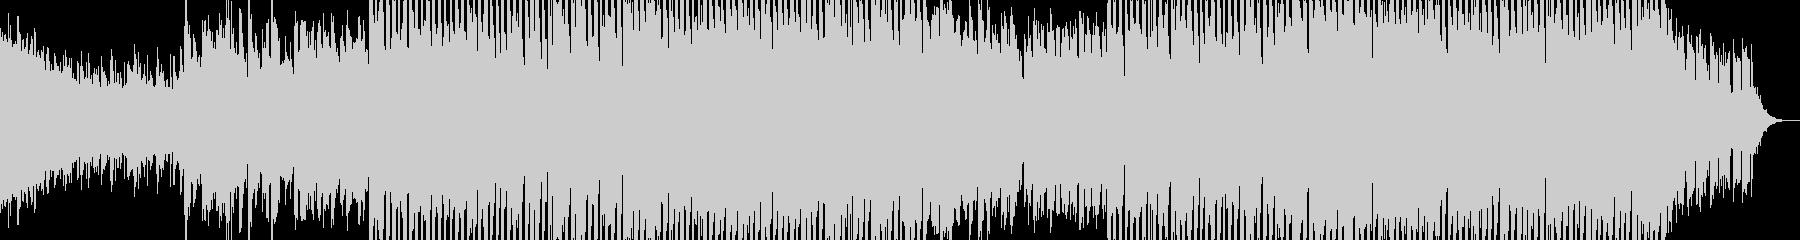 EDMクラブ系ダンスミュージック-80の未再生の波形